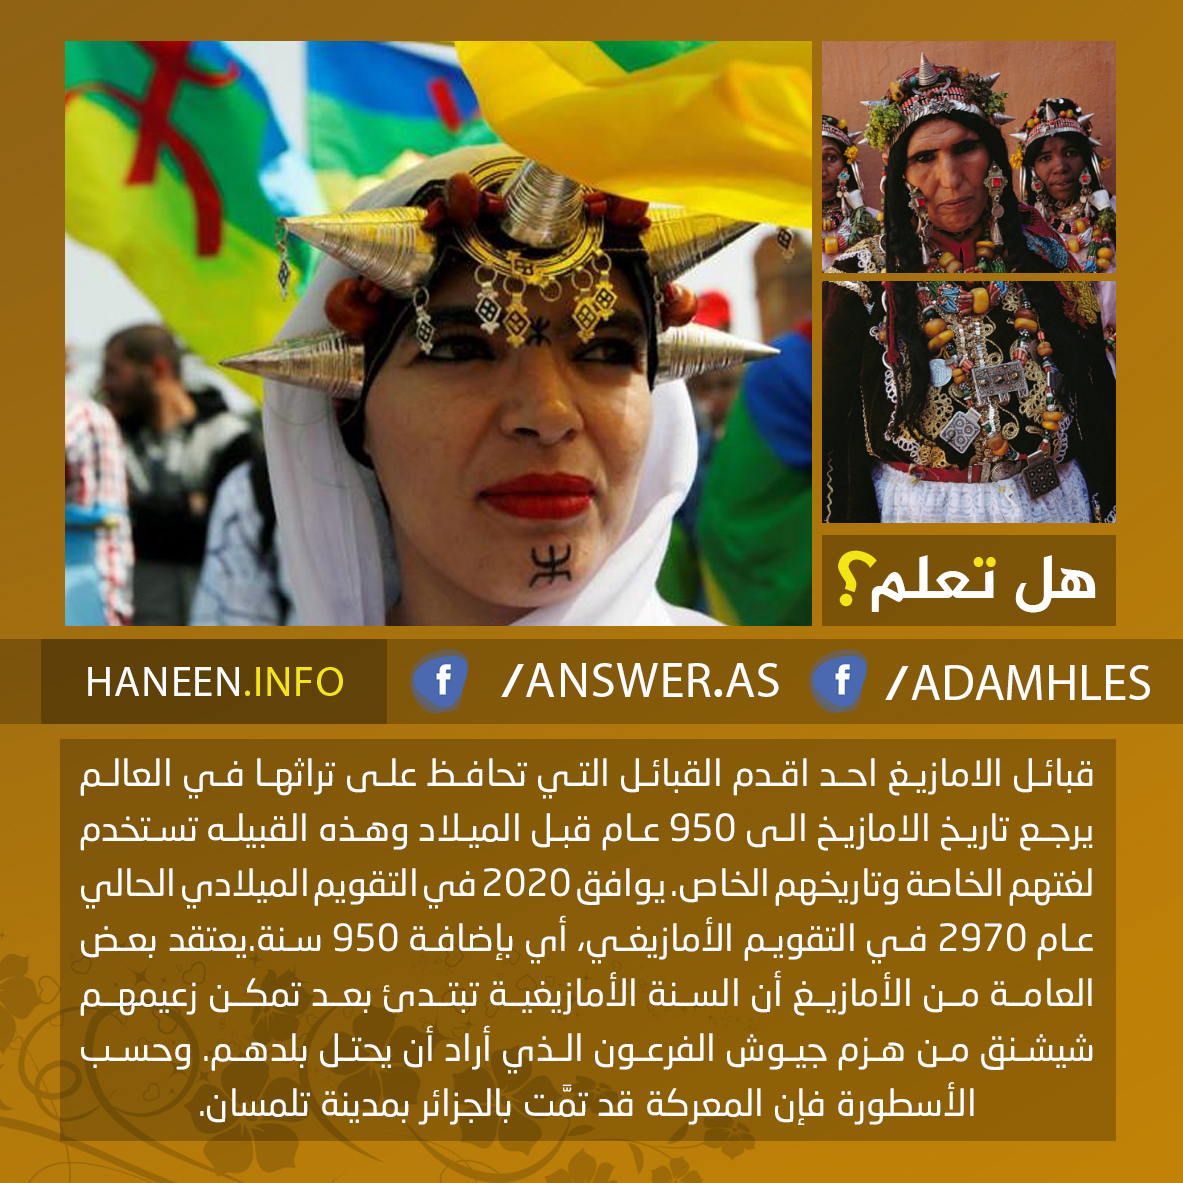 هل تعلم عن قبائل الامازيغ احد اقدم القبائل التي تحافظ على تراثها في العالم